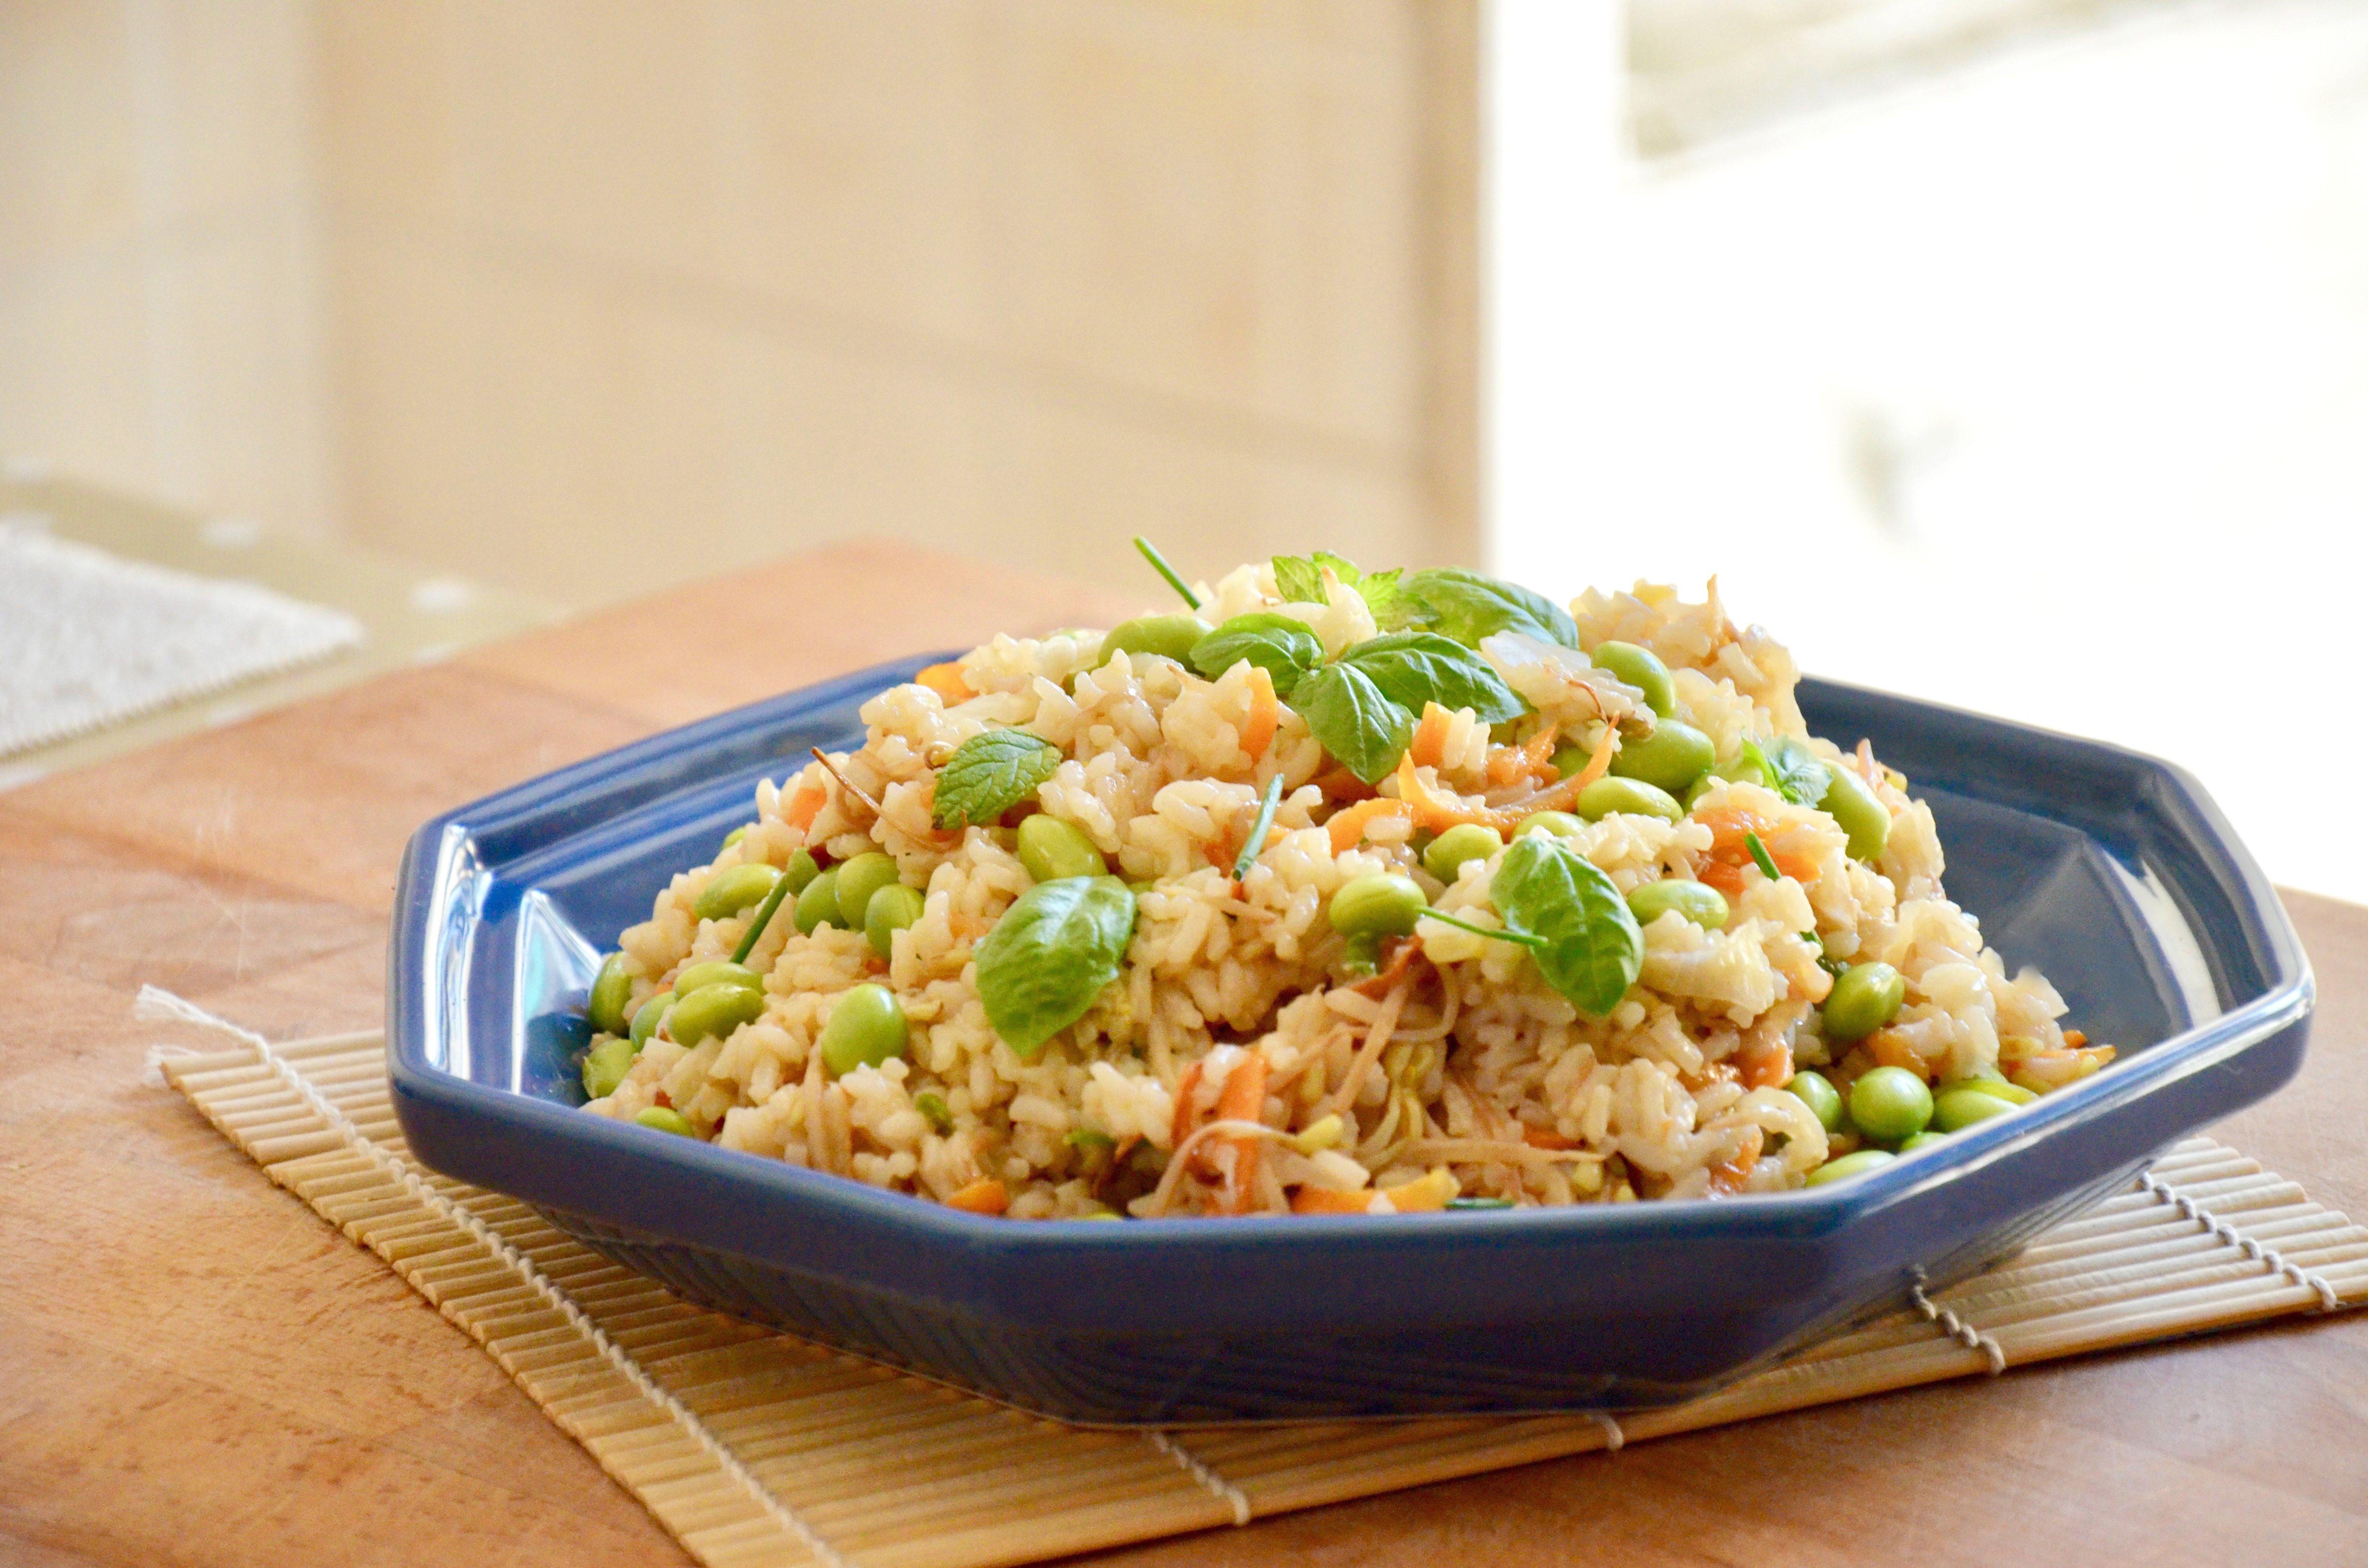 Insalata di riso all'orientale: la ricetta del piatto unico gustoso e originale